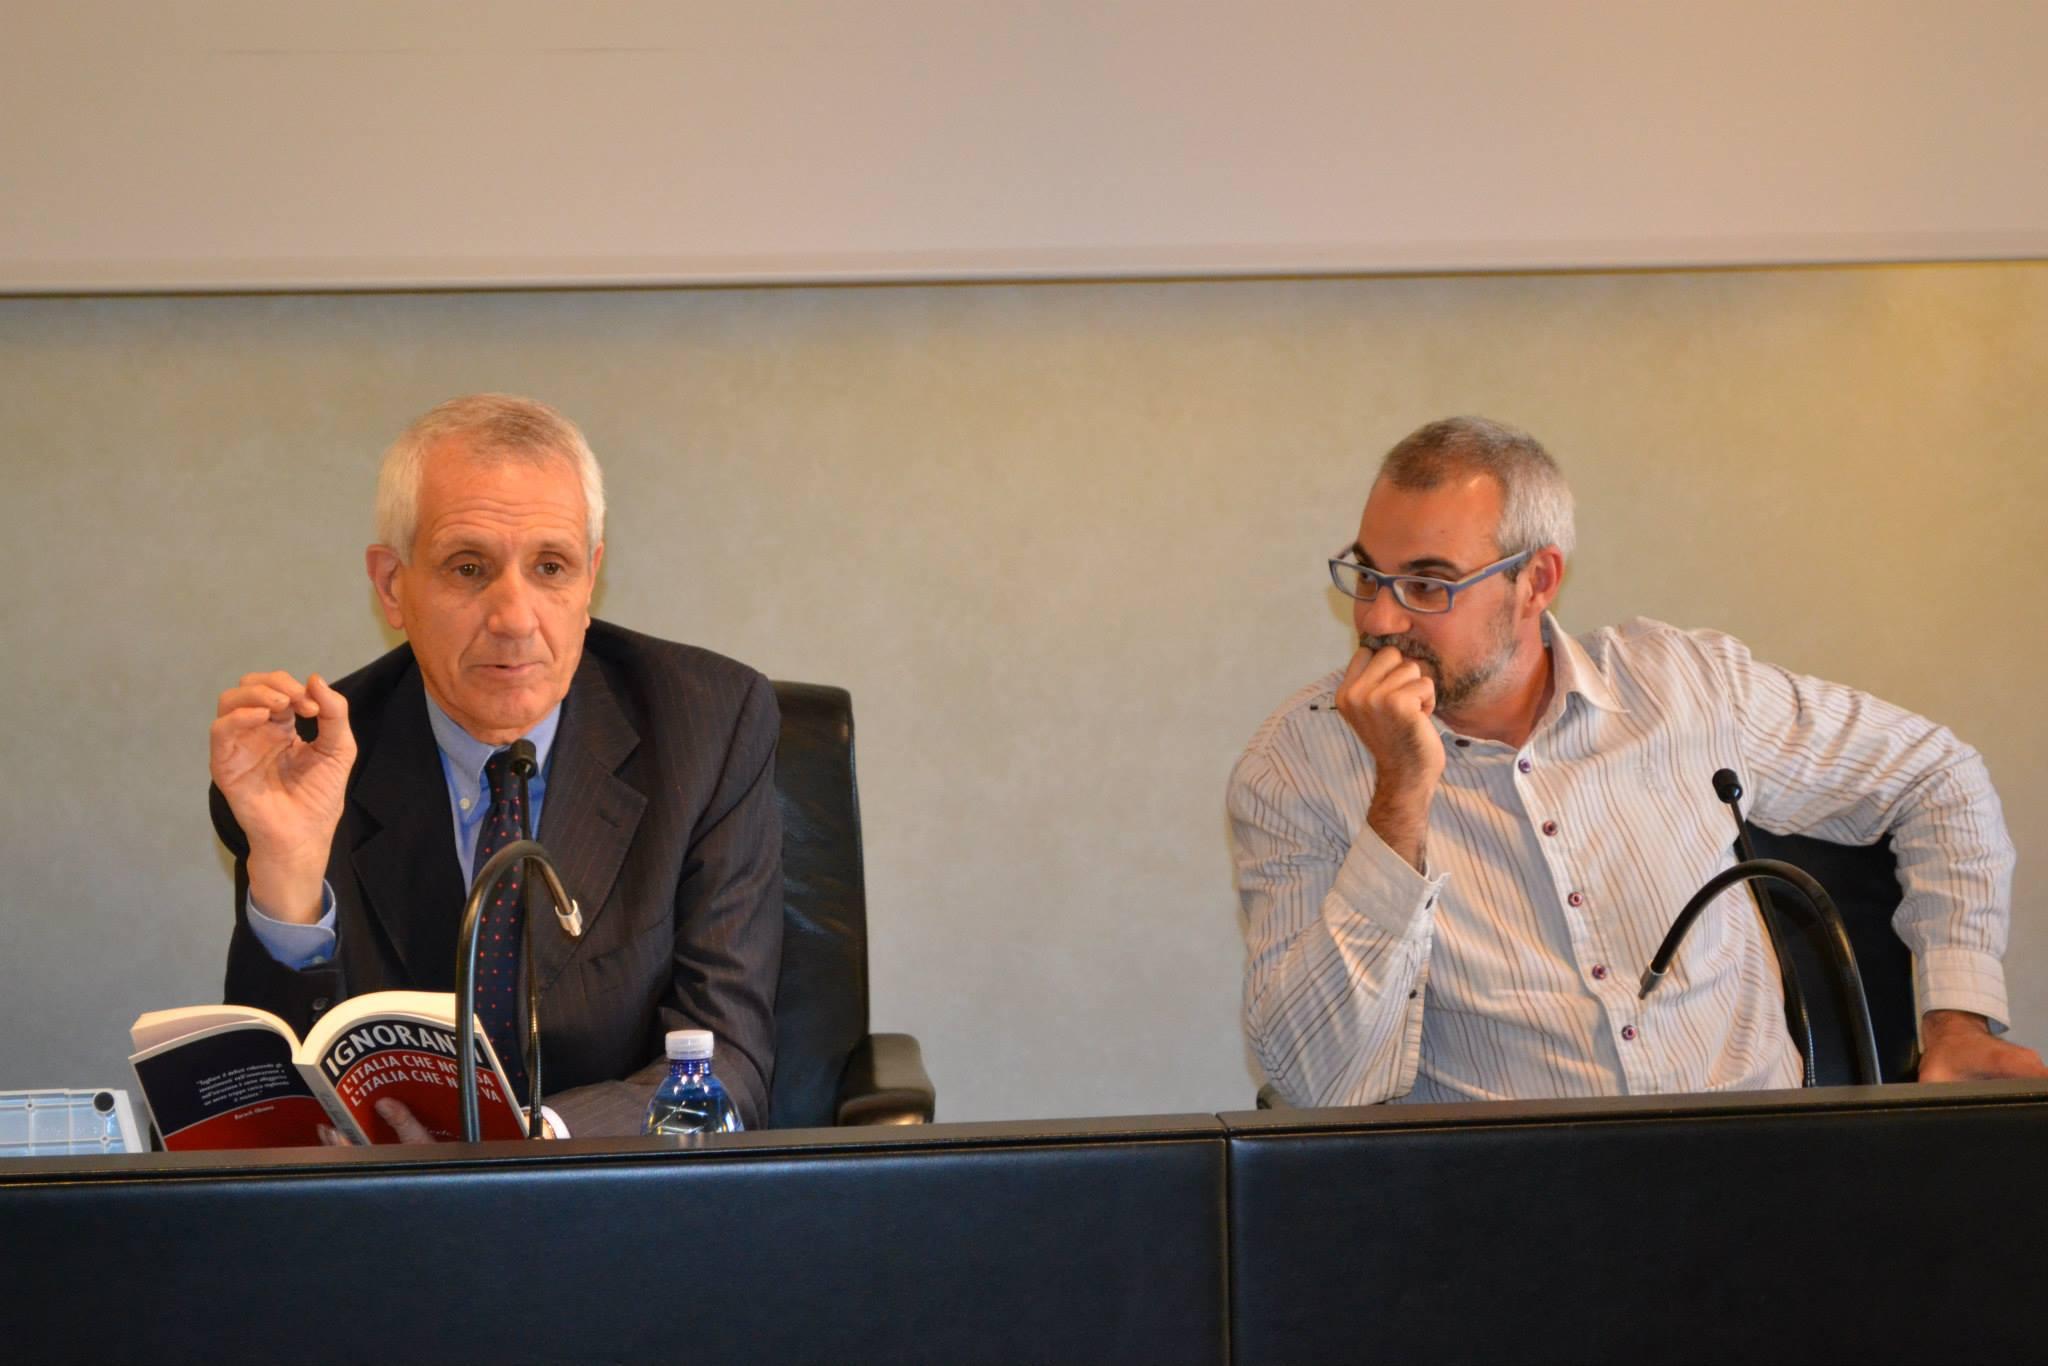 Roberto Ippolito e Marco Malvaldi San Miniato 6 giugno 2013 2